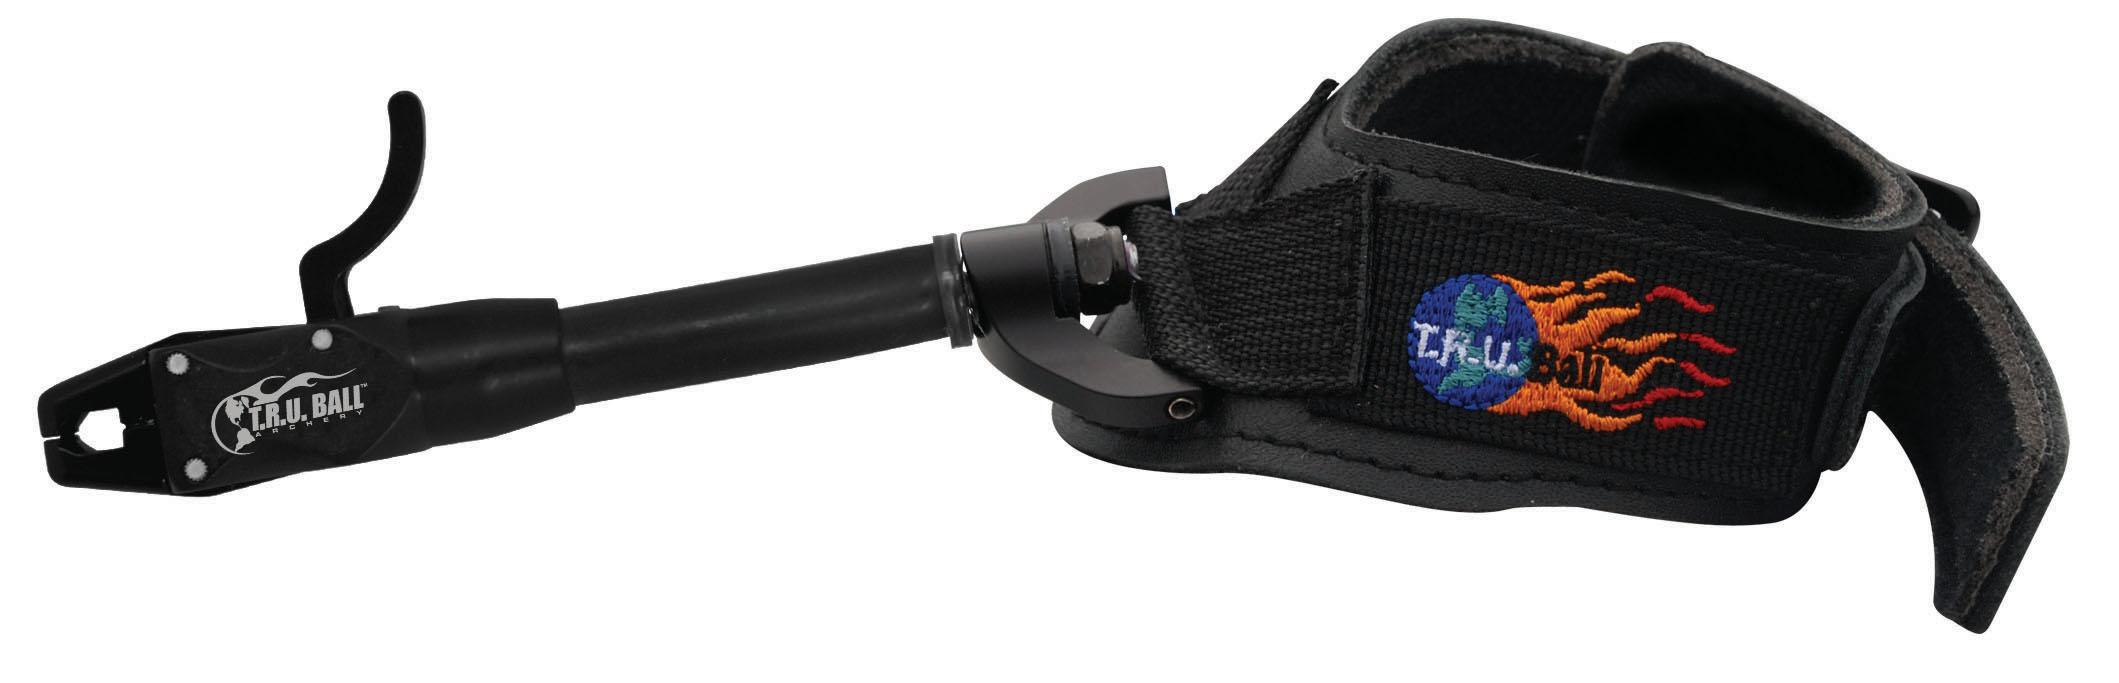 Приспособление для стрельбы из лука